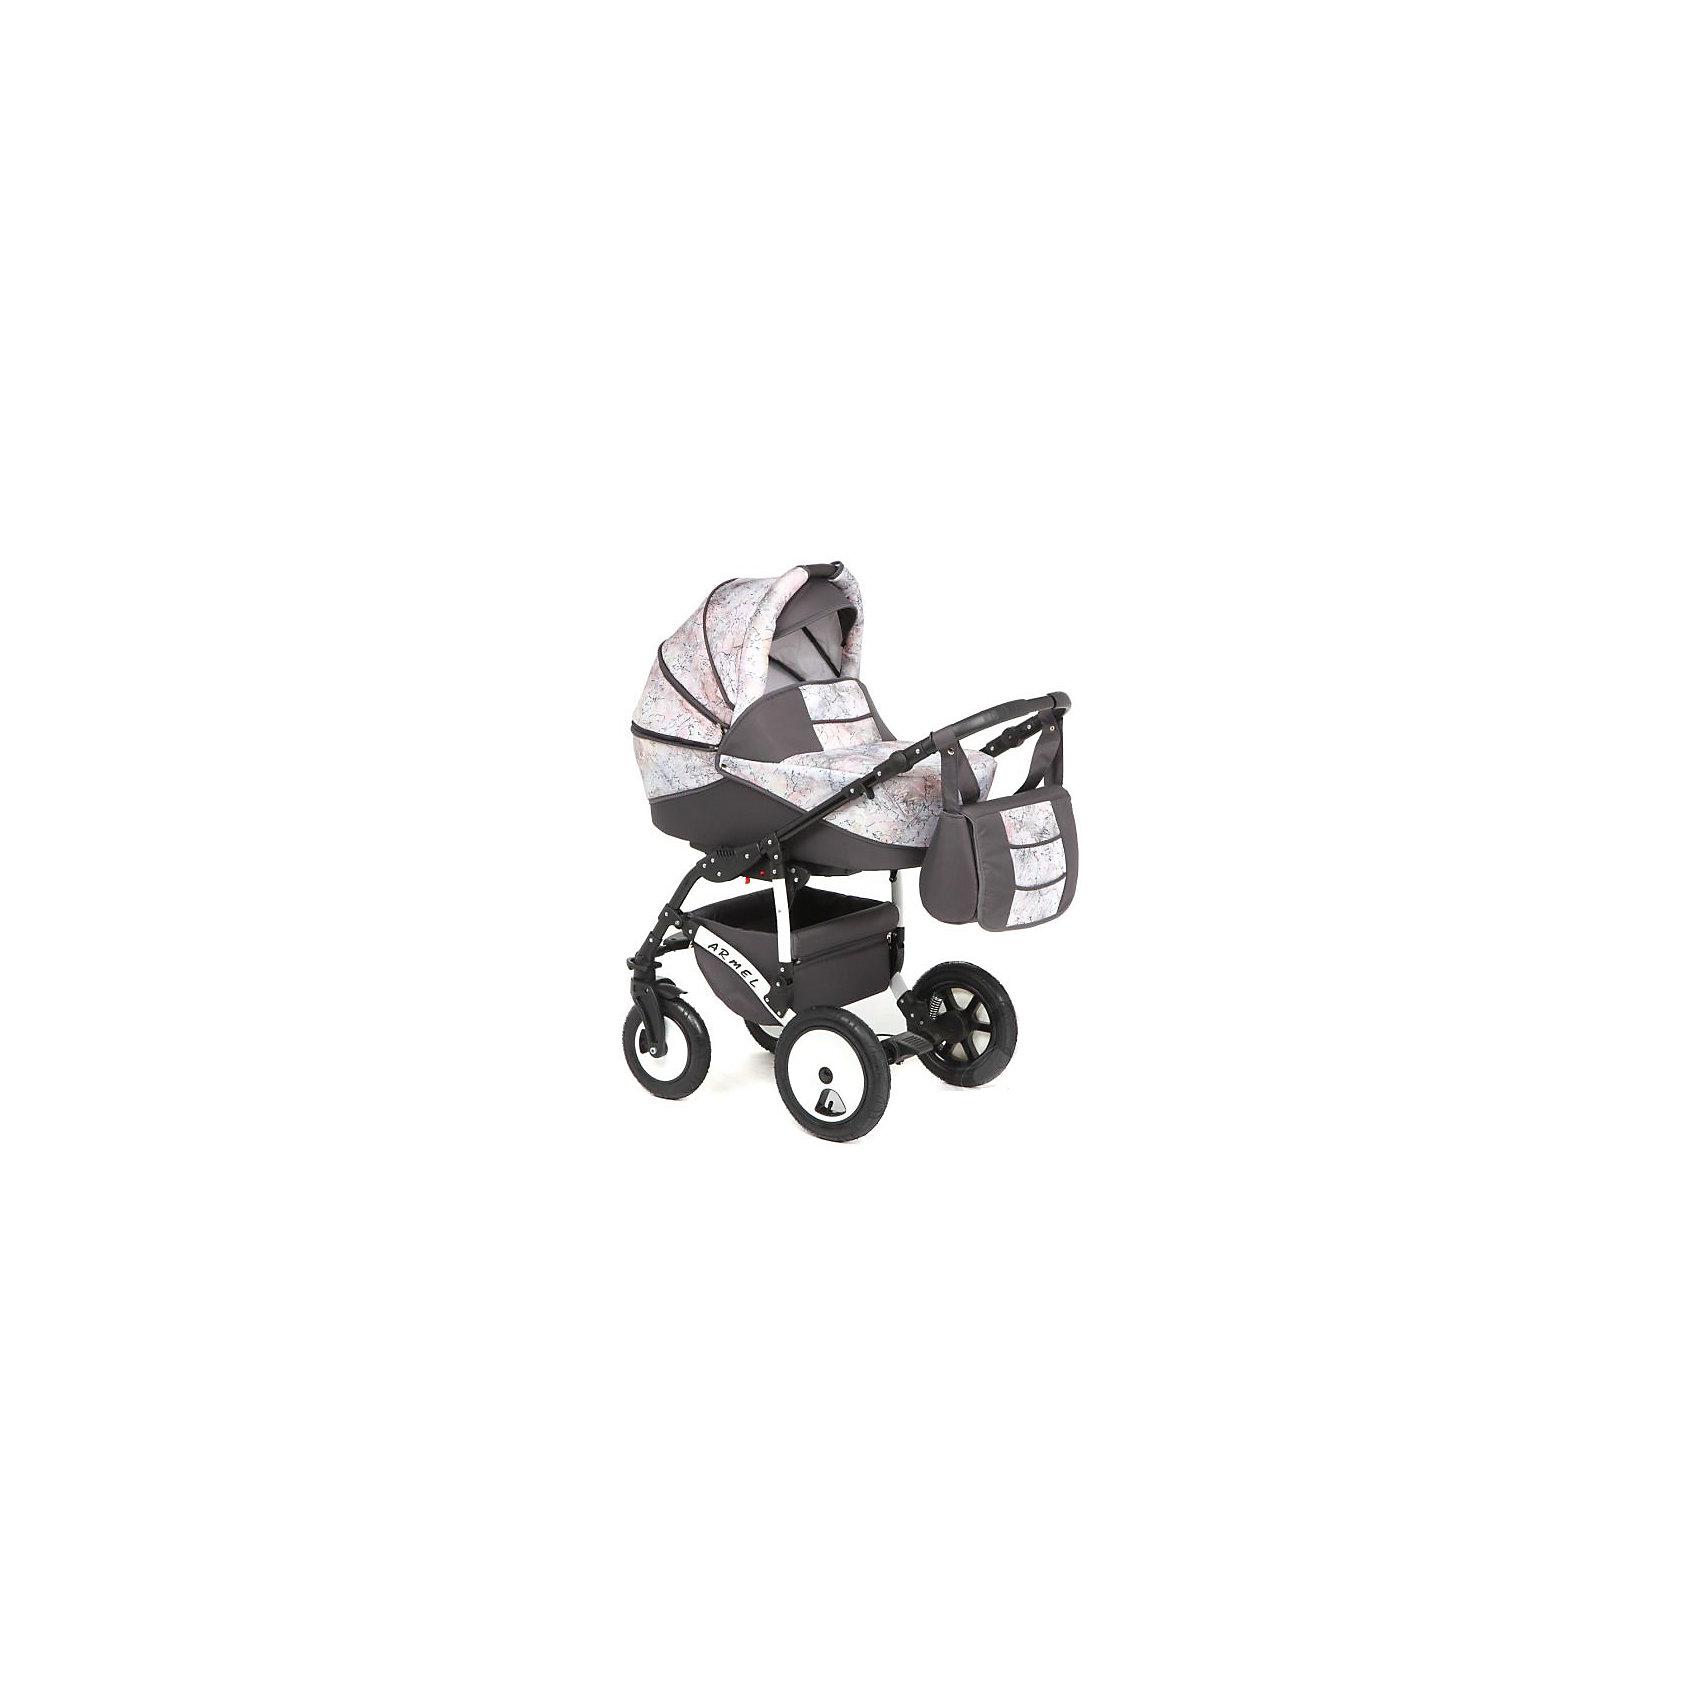 Коляска 2 в 1 ARMEL, Marimex, т.серый-бежевый принт акварельХарактеристики:<br><br>• Наименование: коляска 2 в 1<br>• Сезон: круглый год<br>• Пол: универсальный<br>• Материал: металл, пластик, резина, текстиль<br>• Цвет: темно-серый, белый, серый<br>• Тип колес: надувные<br>• Диаметр передних колес: 25 см<br>• Диаметр задних колес: 31 см<br>• Ширина шасси: 59 см<br>• Механизм складывания: книжка<br>• Амортизация: пружинный механизм<br>• Наличие ремней безопасности<br>• Размеры люльки (Ш*Д*В): 33*75*18 см<br>• Размеры прогулочного блока (Ш*Д*В): 33*91 см<br>• Вес: 15 кг 500 г<br>• Спинка у прогулочного блока регулируемая<br>• Ручка регулируется по высоте<br>• Наличие накидки на ножки<br>• Дополнительно: дождевик, антимоскитная сетка, сумка для детских принадлежностей<br><br>ВНИМАНИЕ!!! Вставки с рисунком на коляске могут отличаться от представленных на фото!<br><br>Коляска 2 в 1 ARMEL, Marimex, т.серый-бежевый принт акварель – это коляска, отвечающая всем международным требованиям безопасности для детей возрастом до 3-х лет включительно. Комплектацияколяски предусматривает просторную люльку с твердым днищем и тканевой отделкой из натуральных материалов, обработанных специальным составом, препятствующим проникновению влаги и защитой от ветра. Коляска имеет легкий вес и компактные размеры, достаточно легко складывается и меняется на прогулочный блок. Передние поворотные колеса и пружинная амортизация обеспечивают плавный ход коляски даже по неровным дорогам. Коляска выполнена в ярком модном дизайне. <br><br>Коляску 2 в 1 ARMEL, Marimex, т.серый-бежевый принт акварель можно купить в нашем интернет-магазине.<br><br>Ширина мм: 1100<br>Глубина мм: 620<br>Высота мм: 400<br>Вес г: 21000<br>Возраст от месяцев: 0<br>Возраст до месяцев: 36<br>Пол: Унисекс<br>Возраст: Детский<br>SKU: 5120617